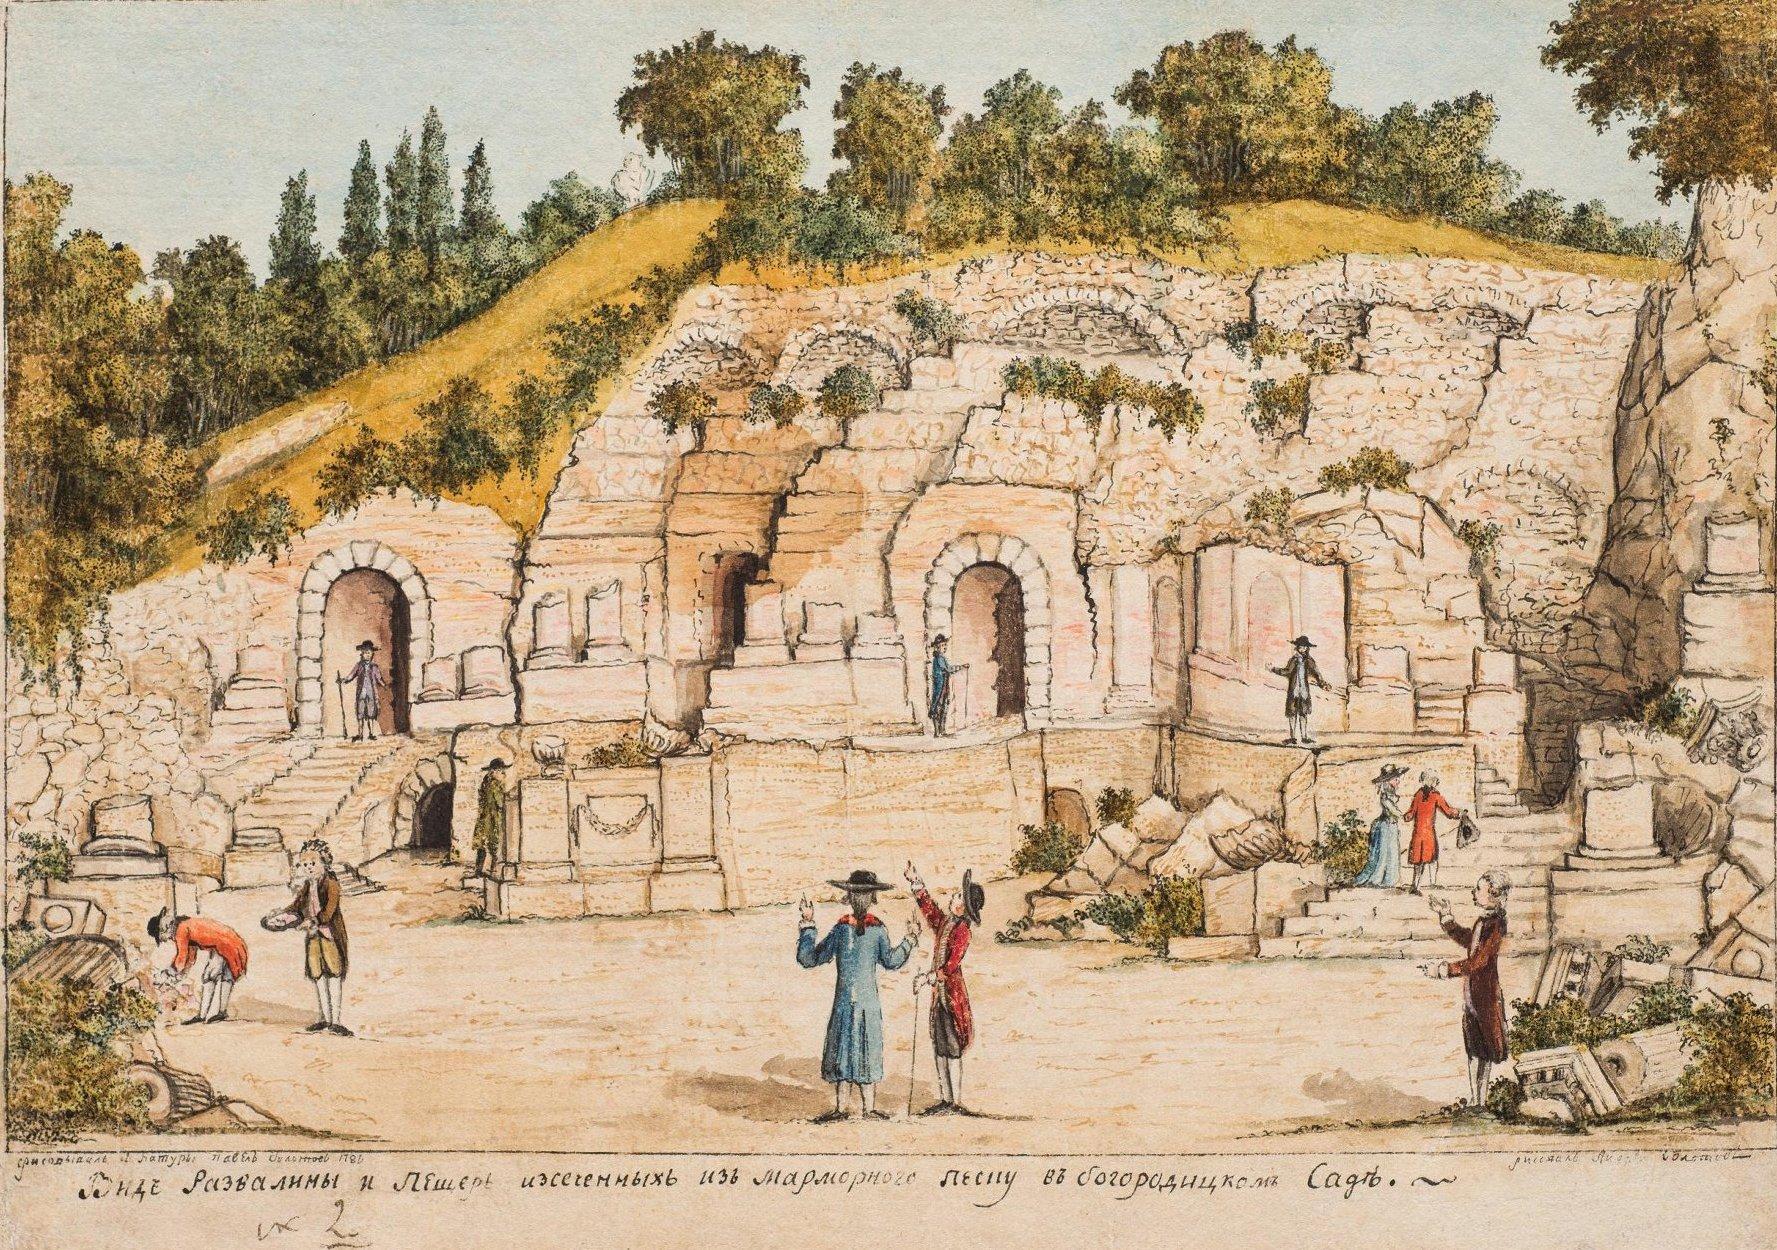 Вид развалины и пещер в Богородицком парке (Вид развалины и пещер изсеченных из марморного песку в Богородицком саде)